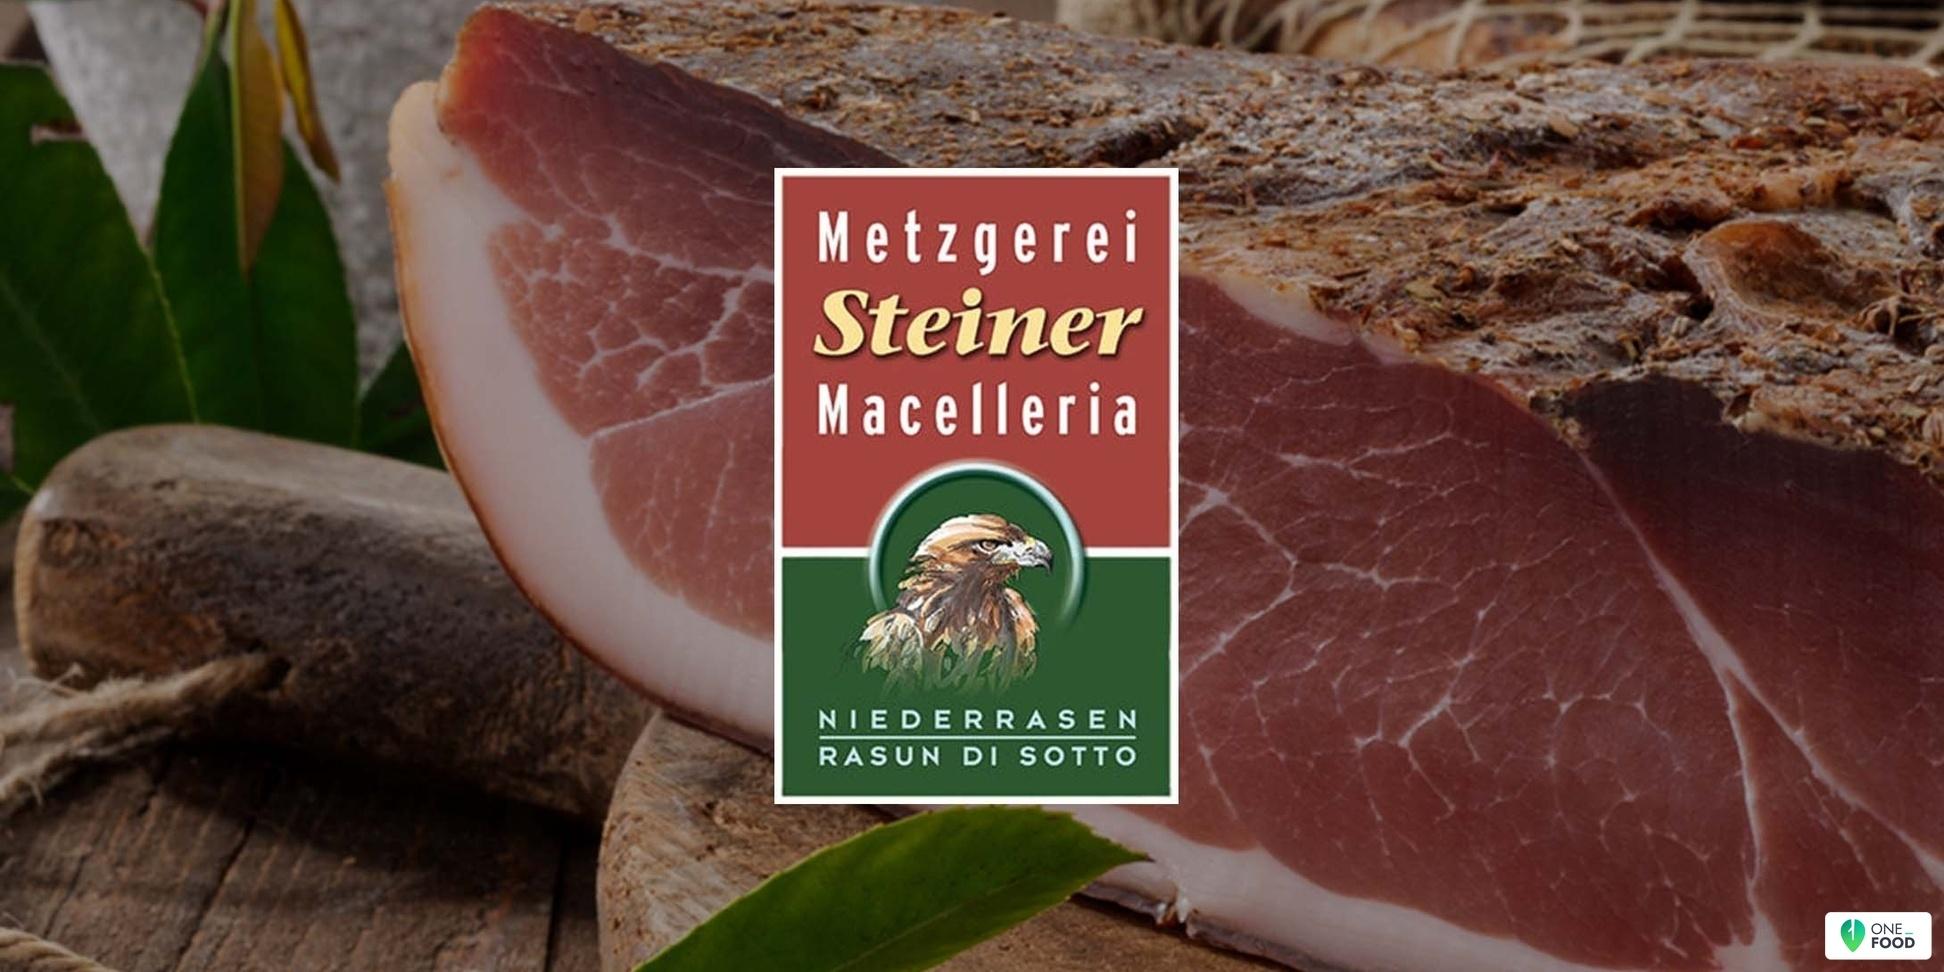 Macelleria Steiner